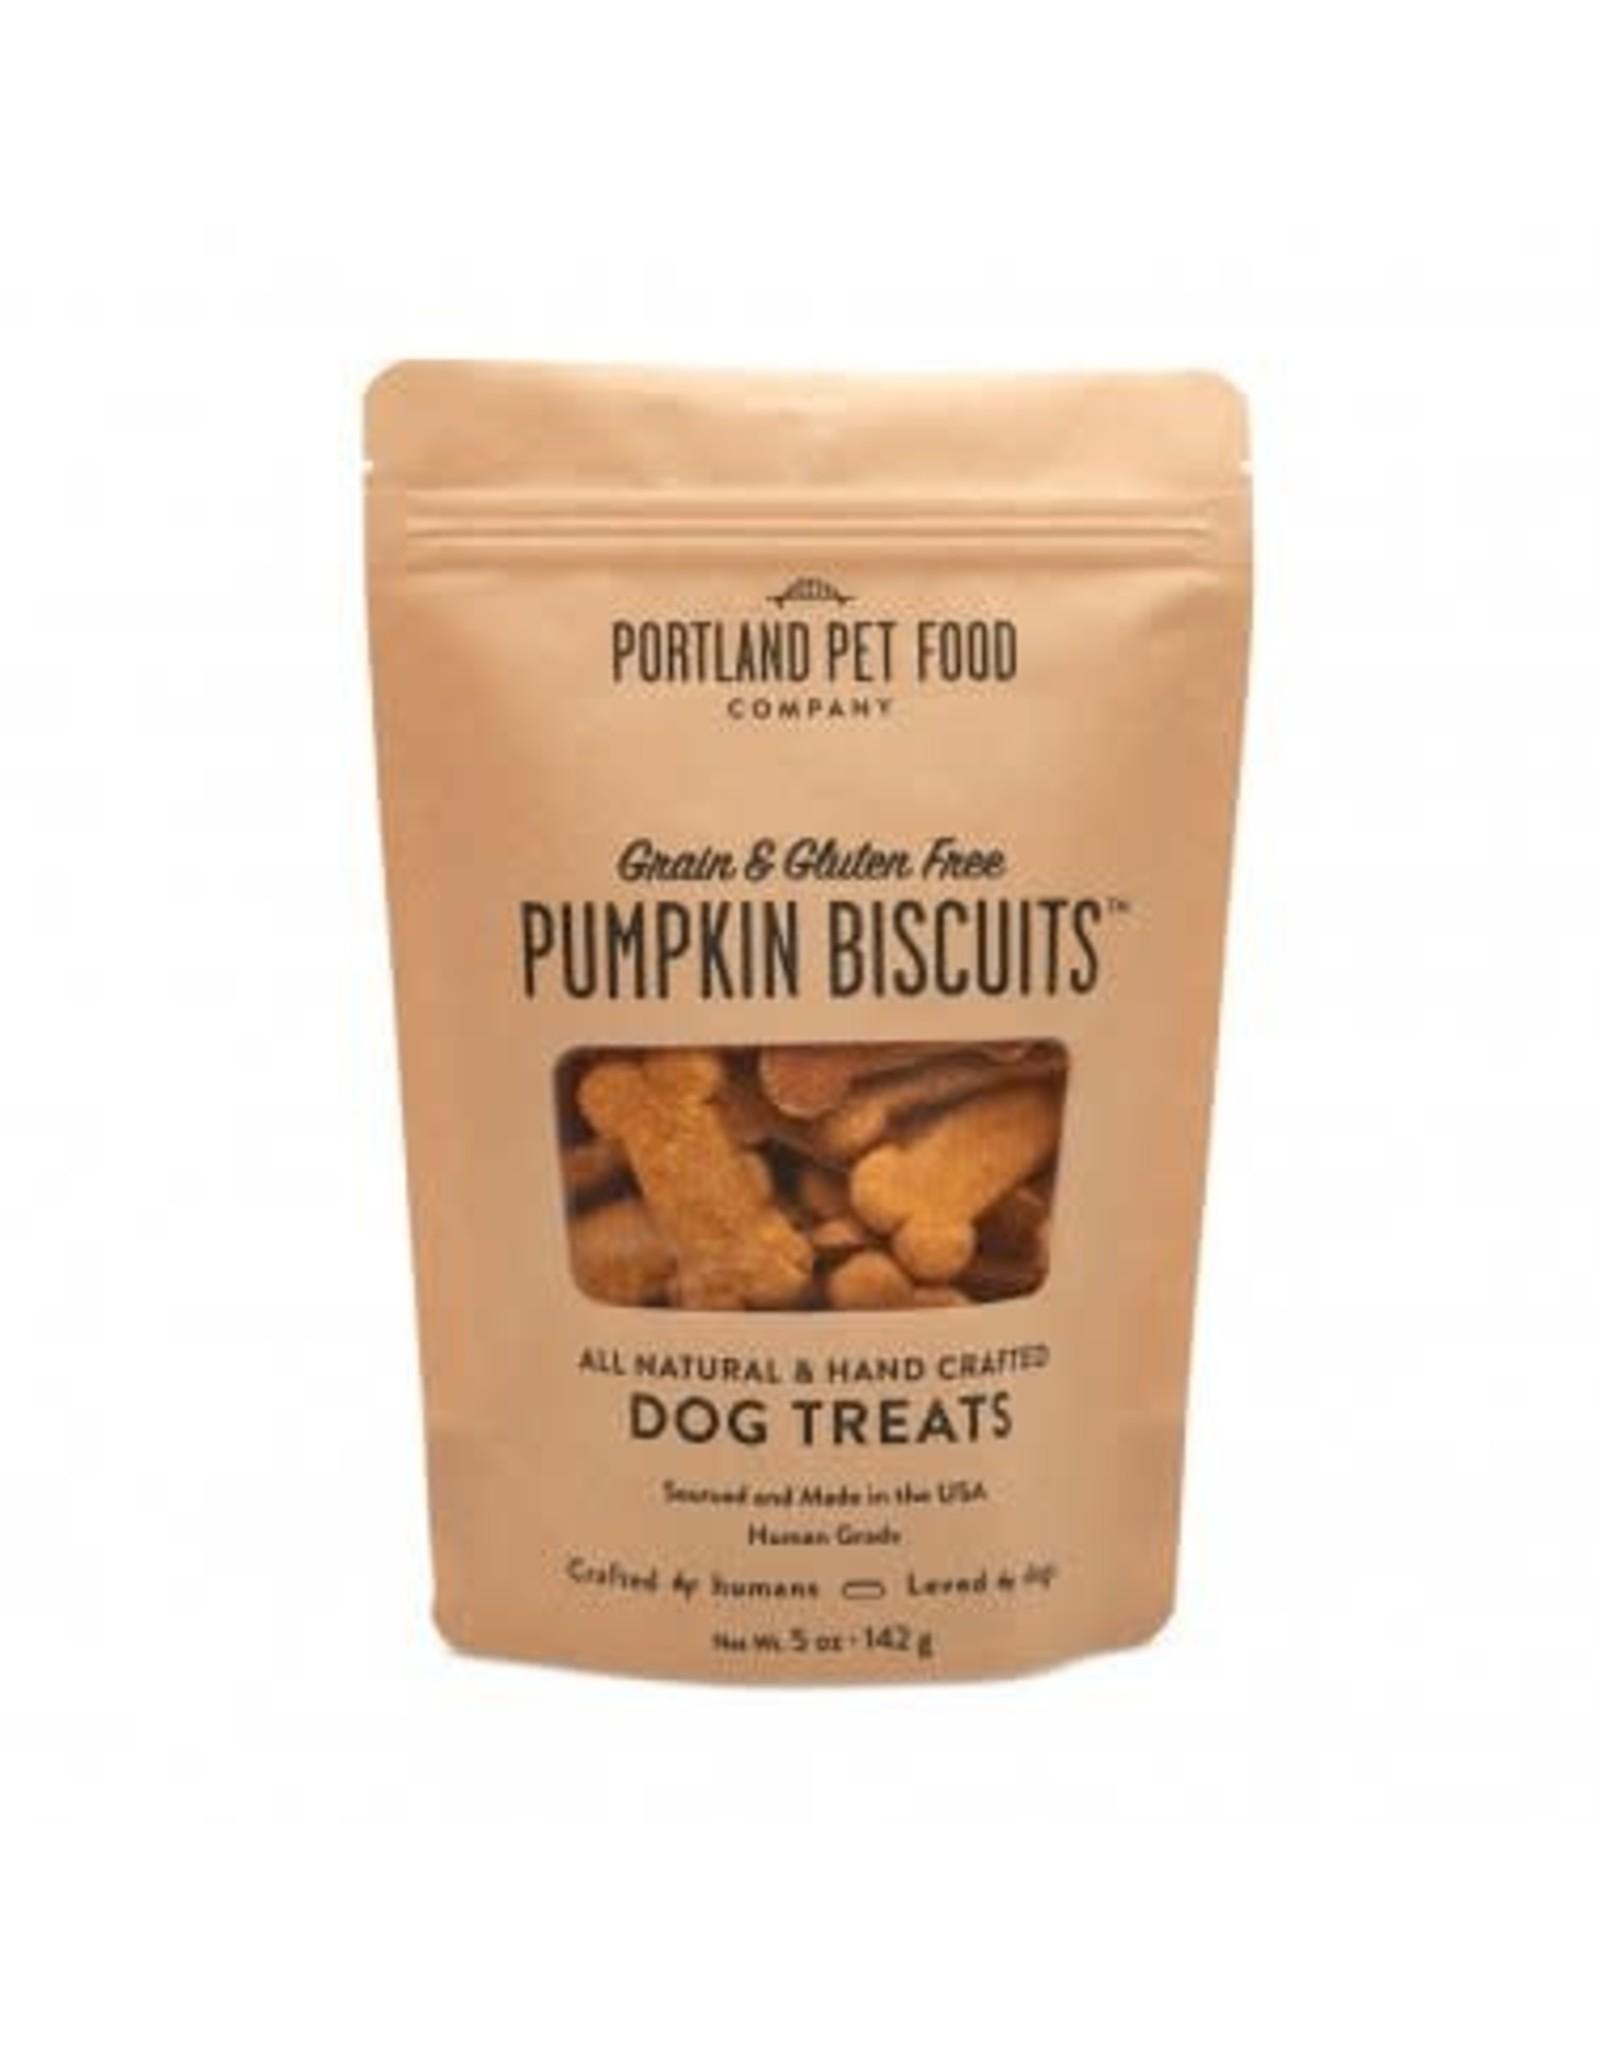 Portland Pet Food Portland Pet Food  Grain-Free Pumpkin Biscuits Dog Treats 5oz